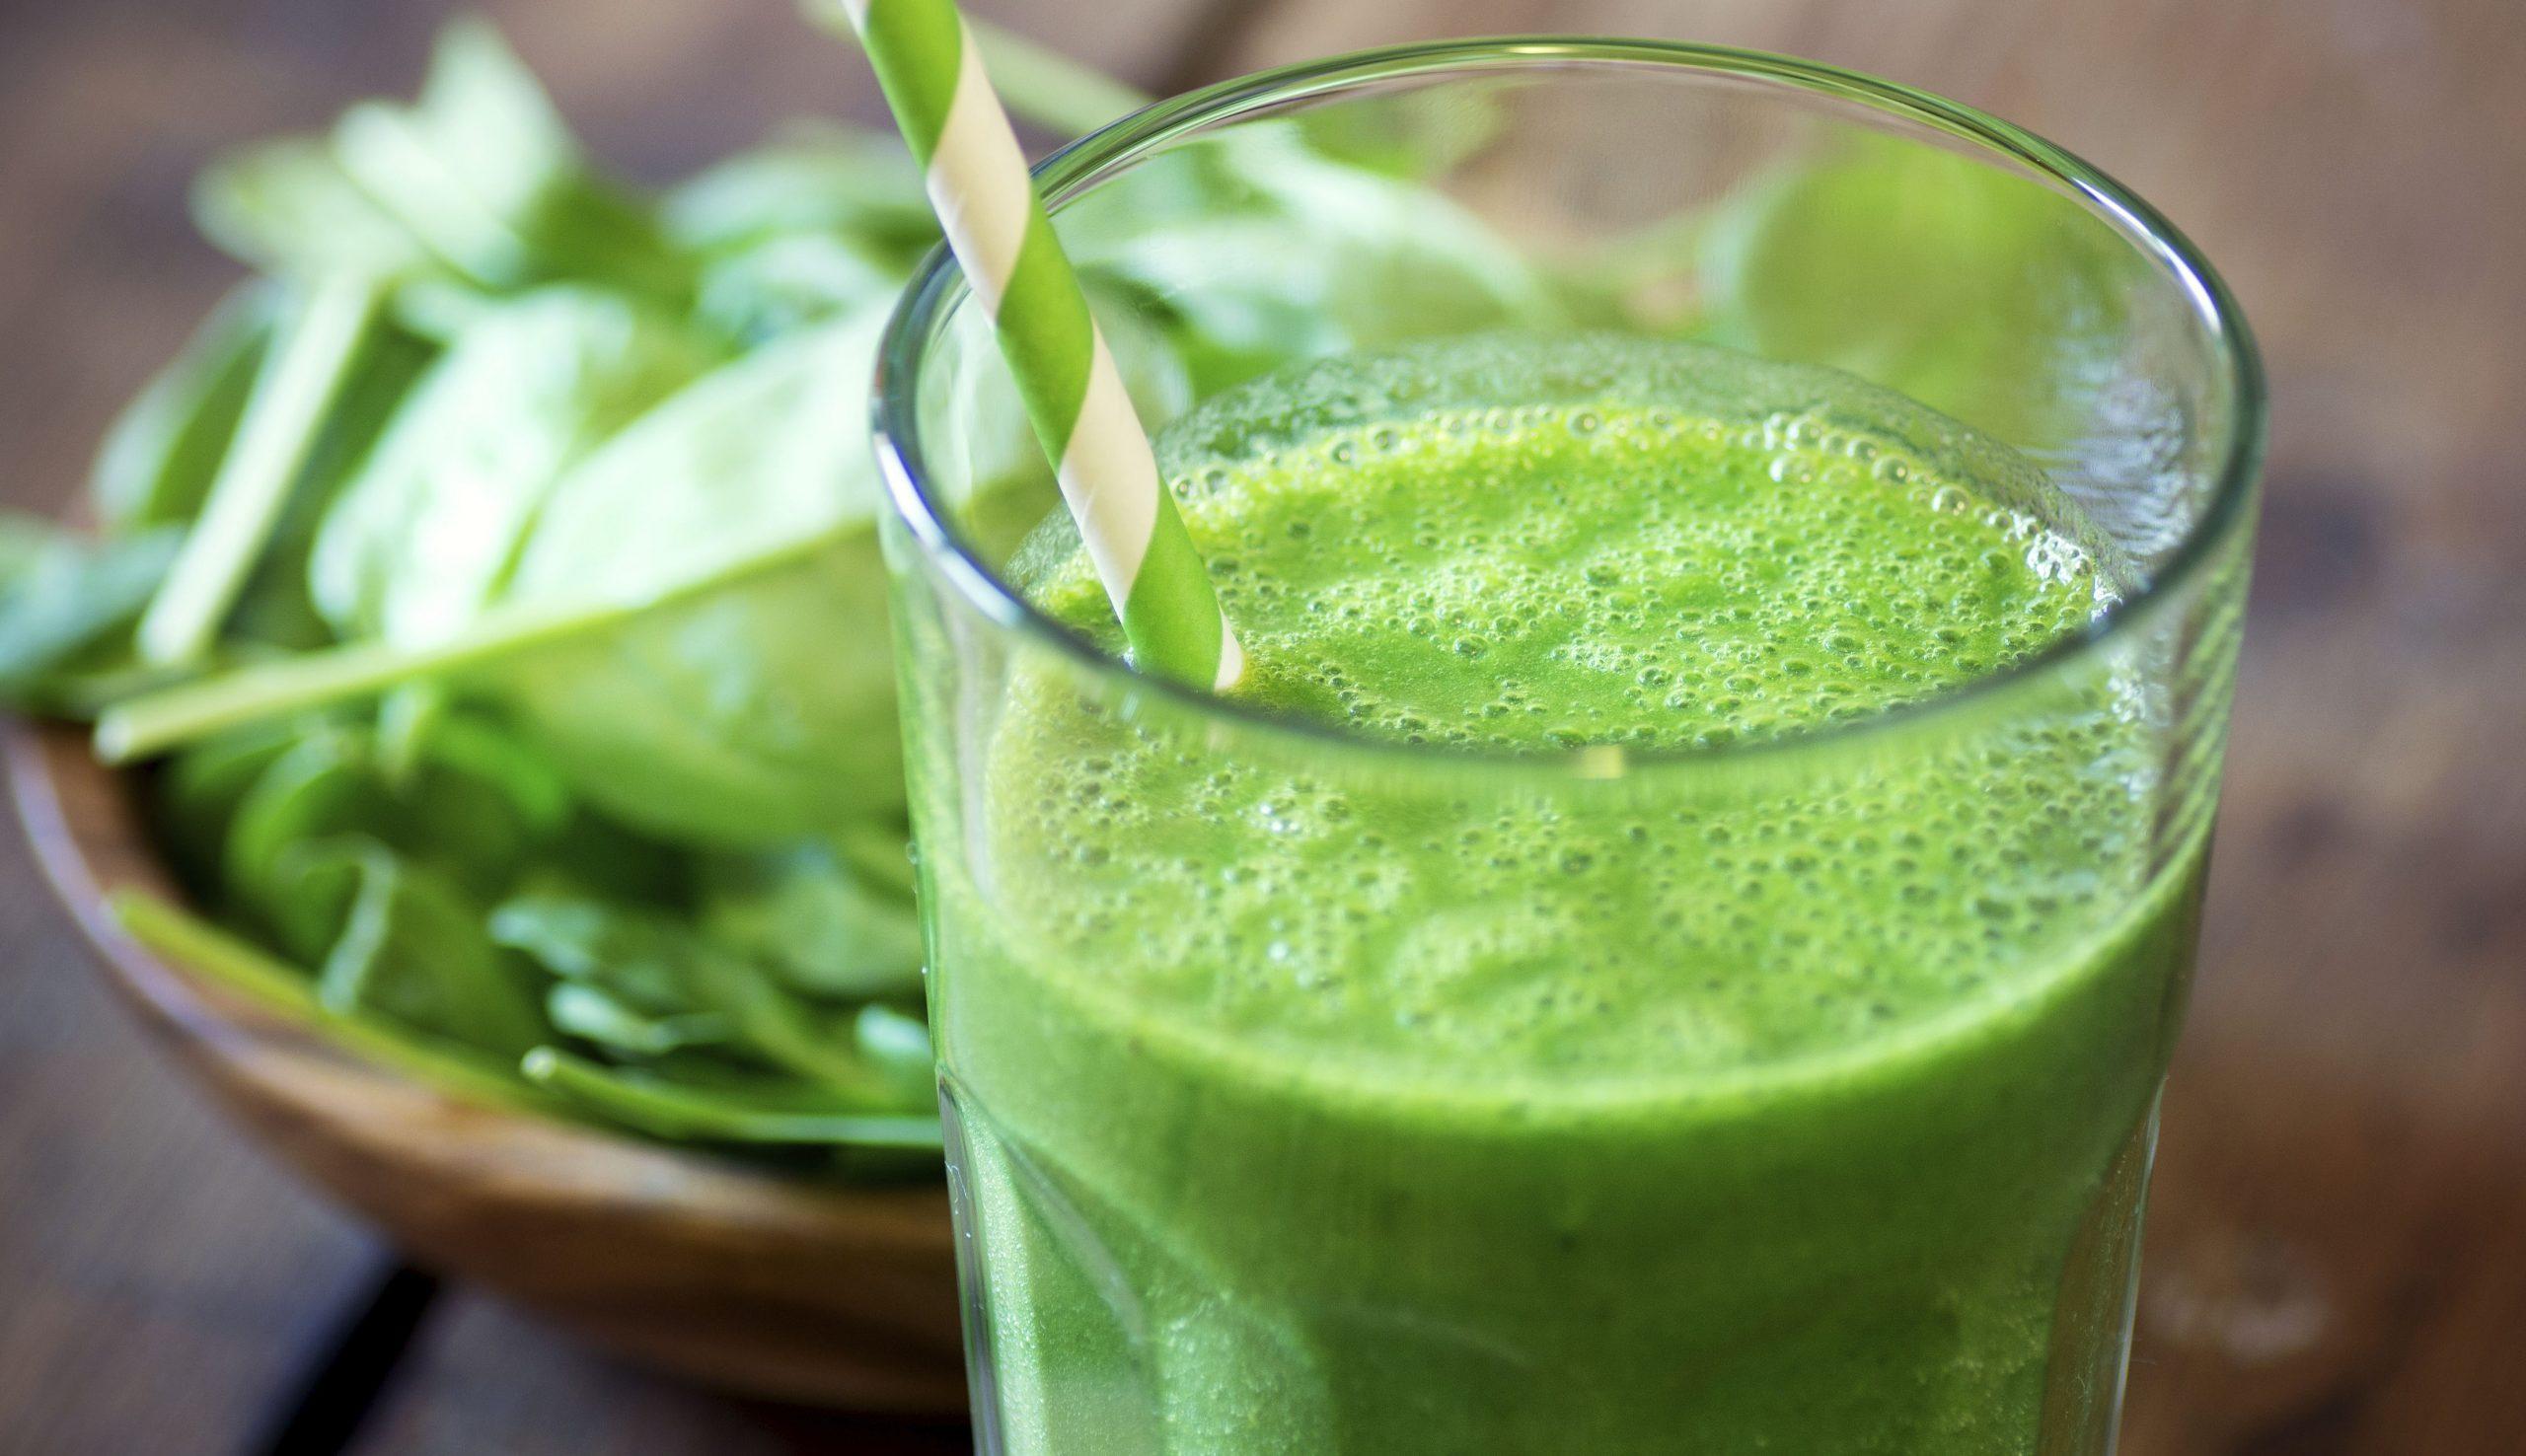 Pahar cu suc verde si un castron cu frunze verzi.